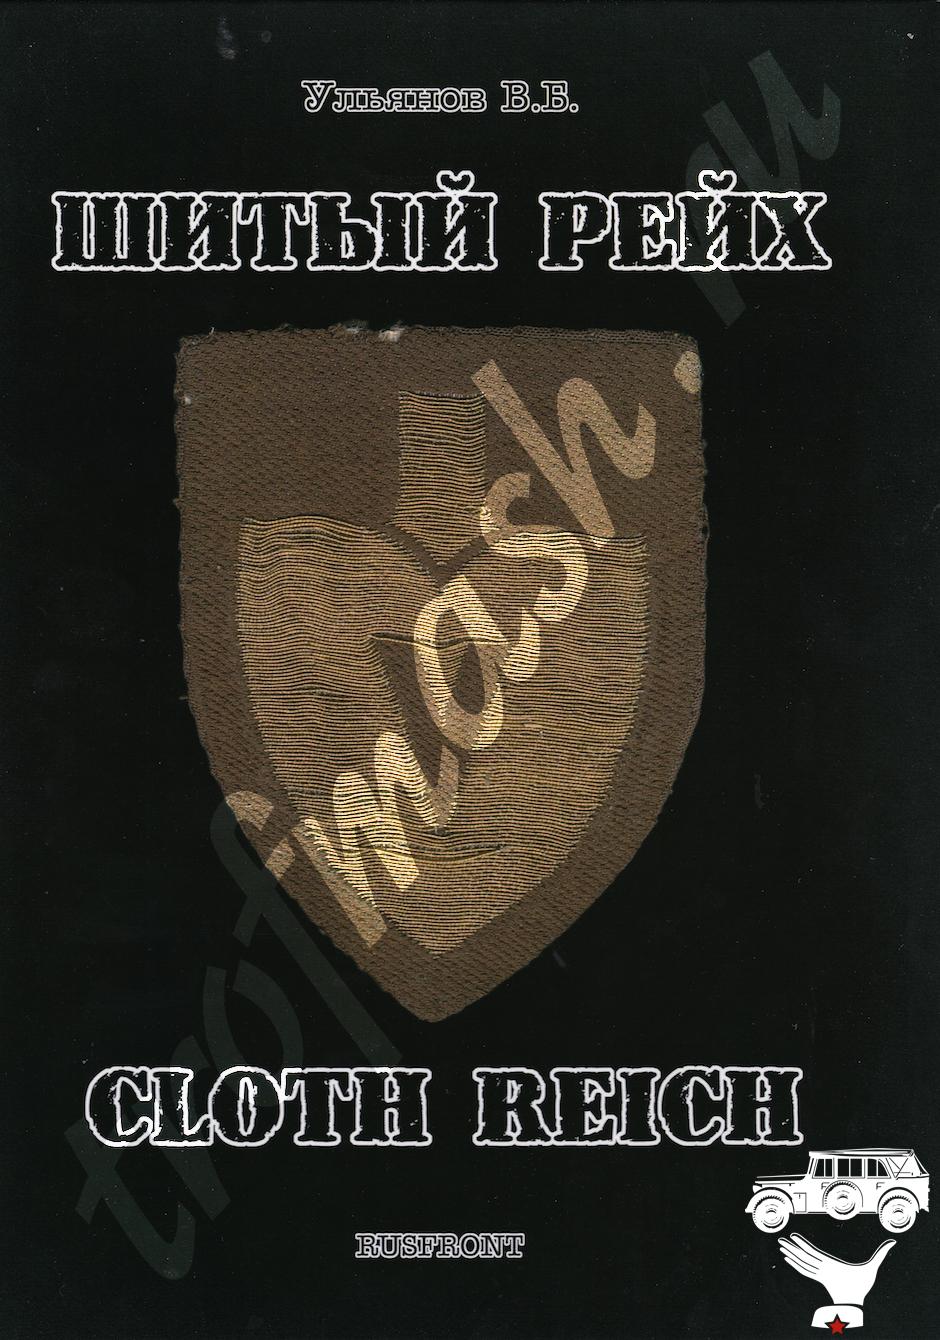 Gloth Reich